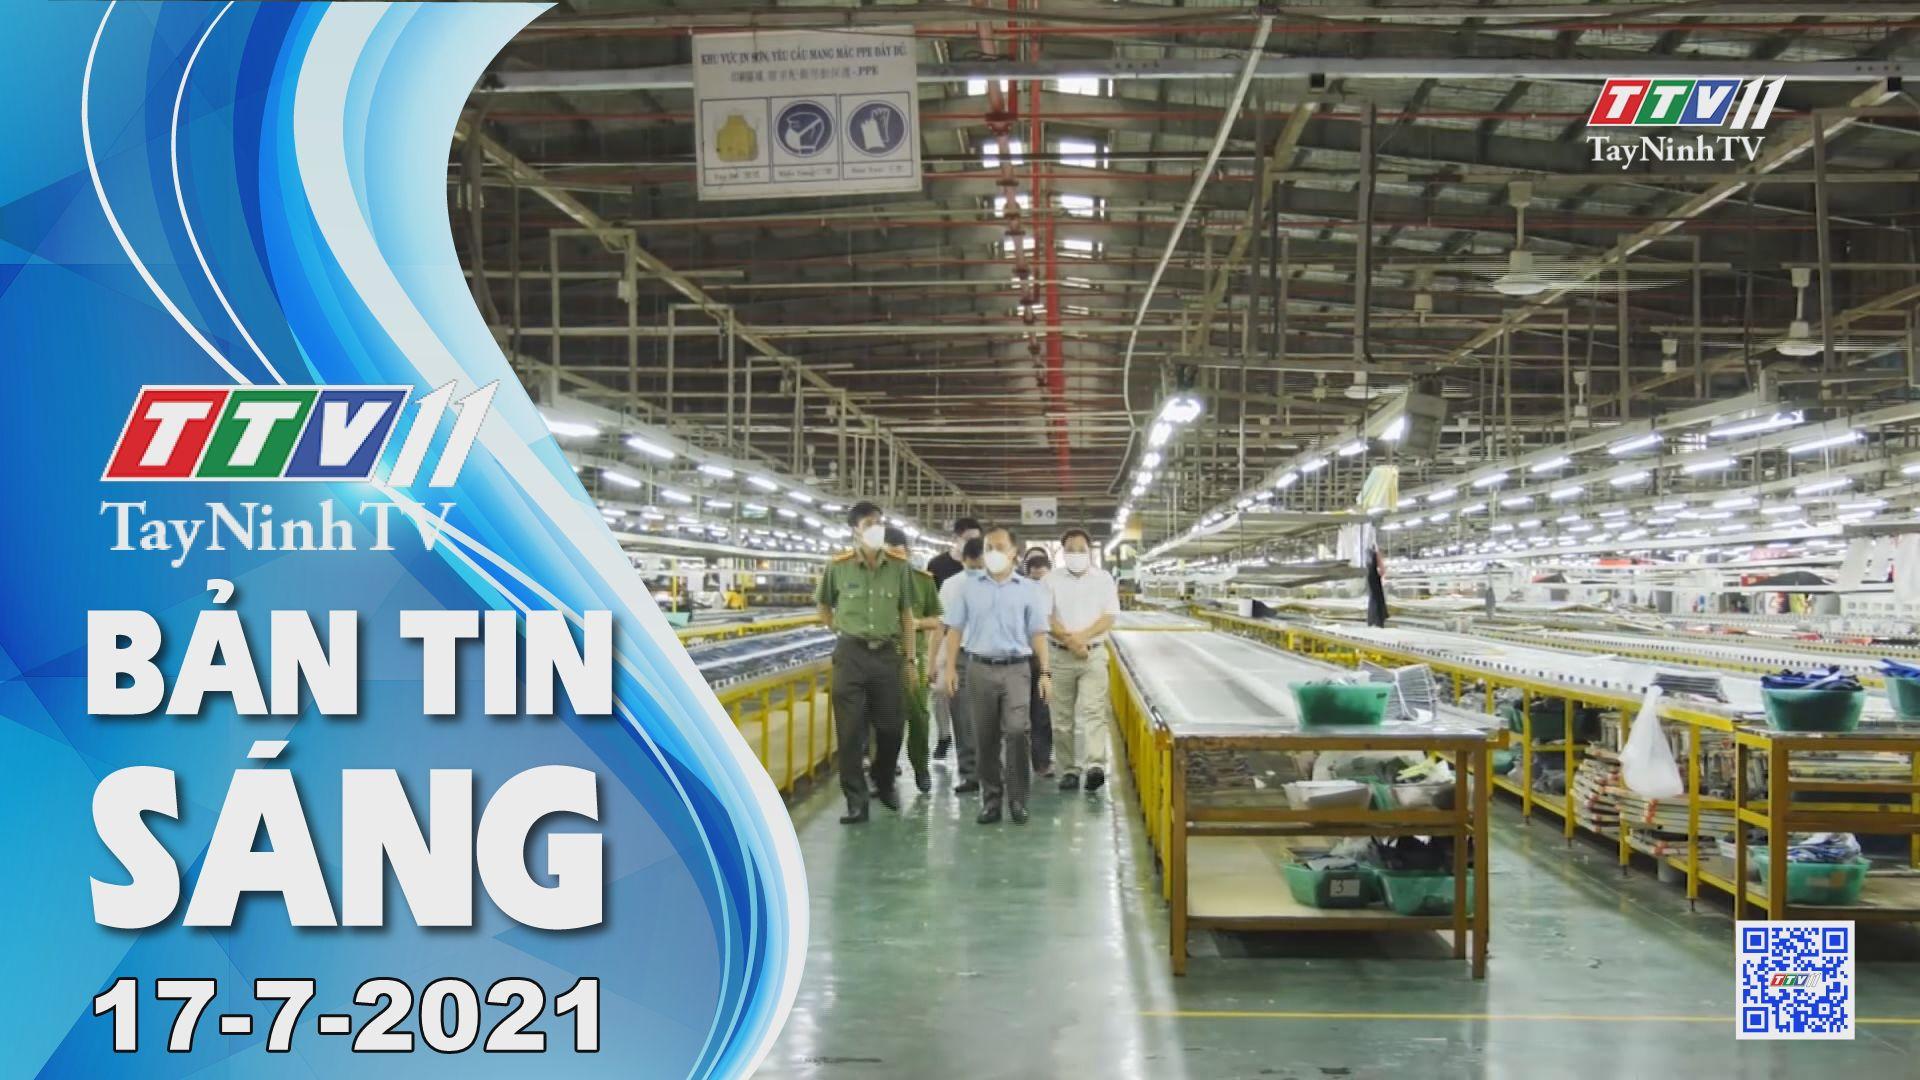 Bản tin sáng 17-7-2021 | Tin tức hôm nay | TayNinhTV